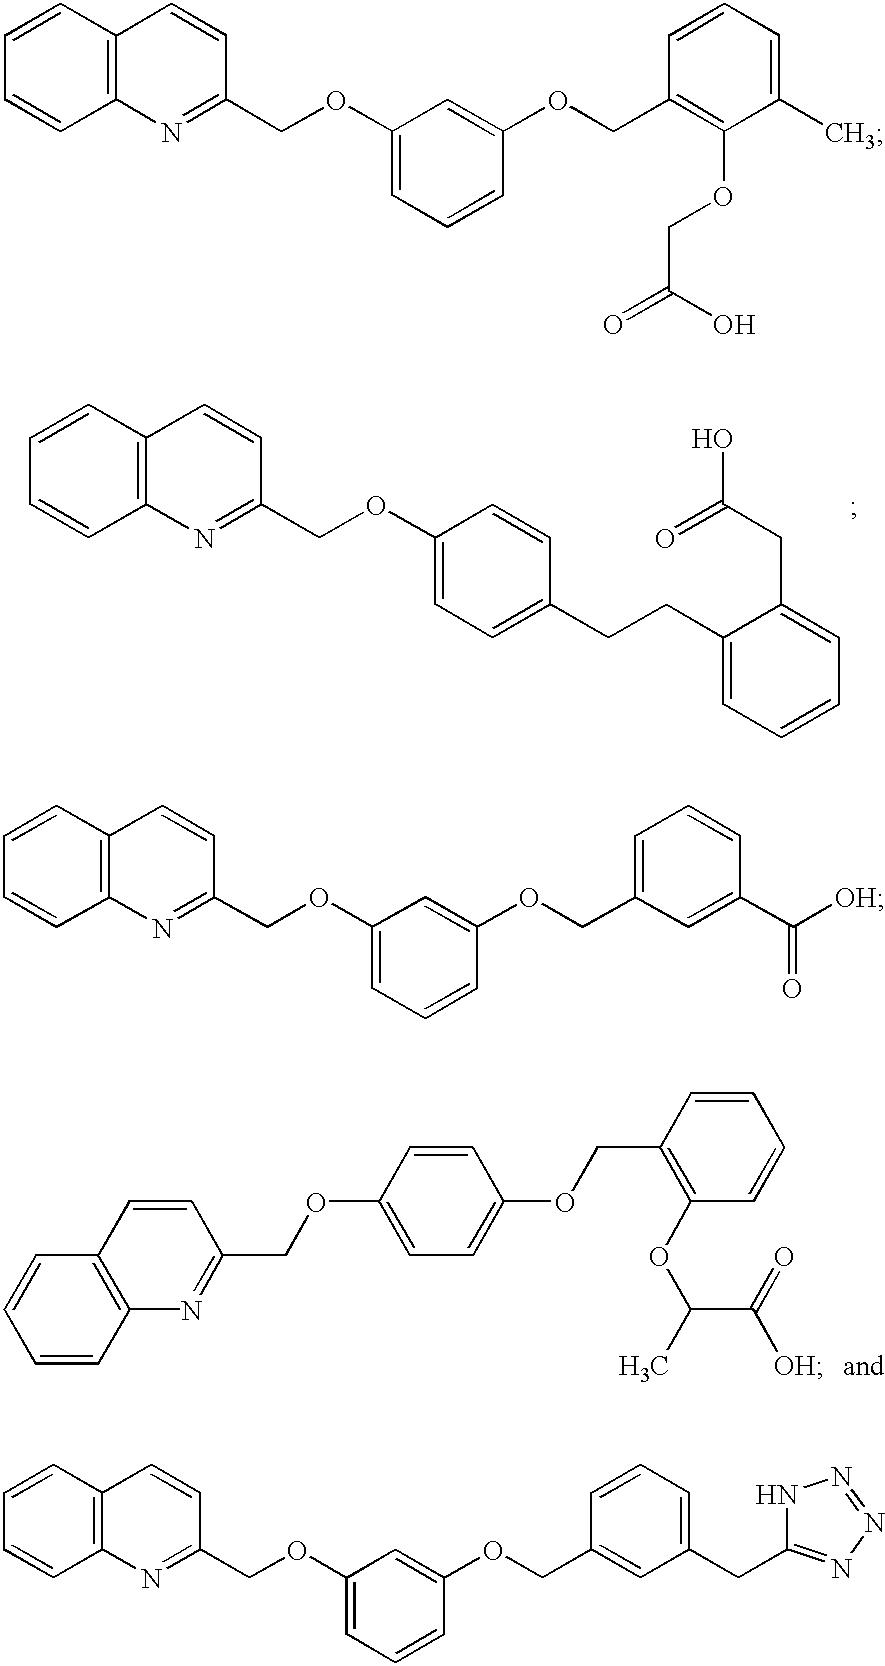 Figure US20030220373A1-20031127-C00073